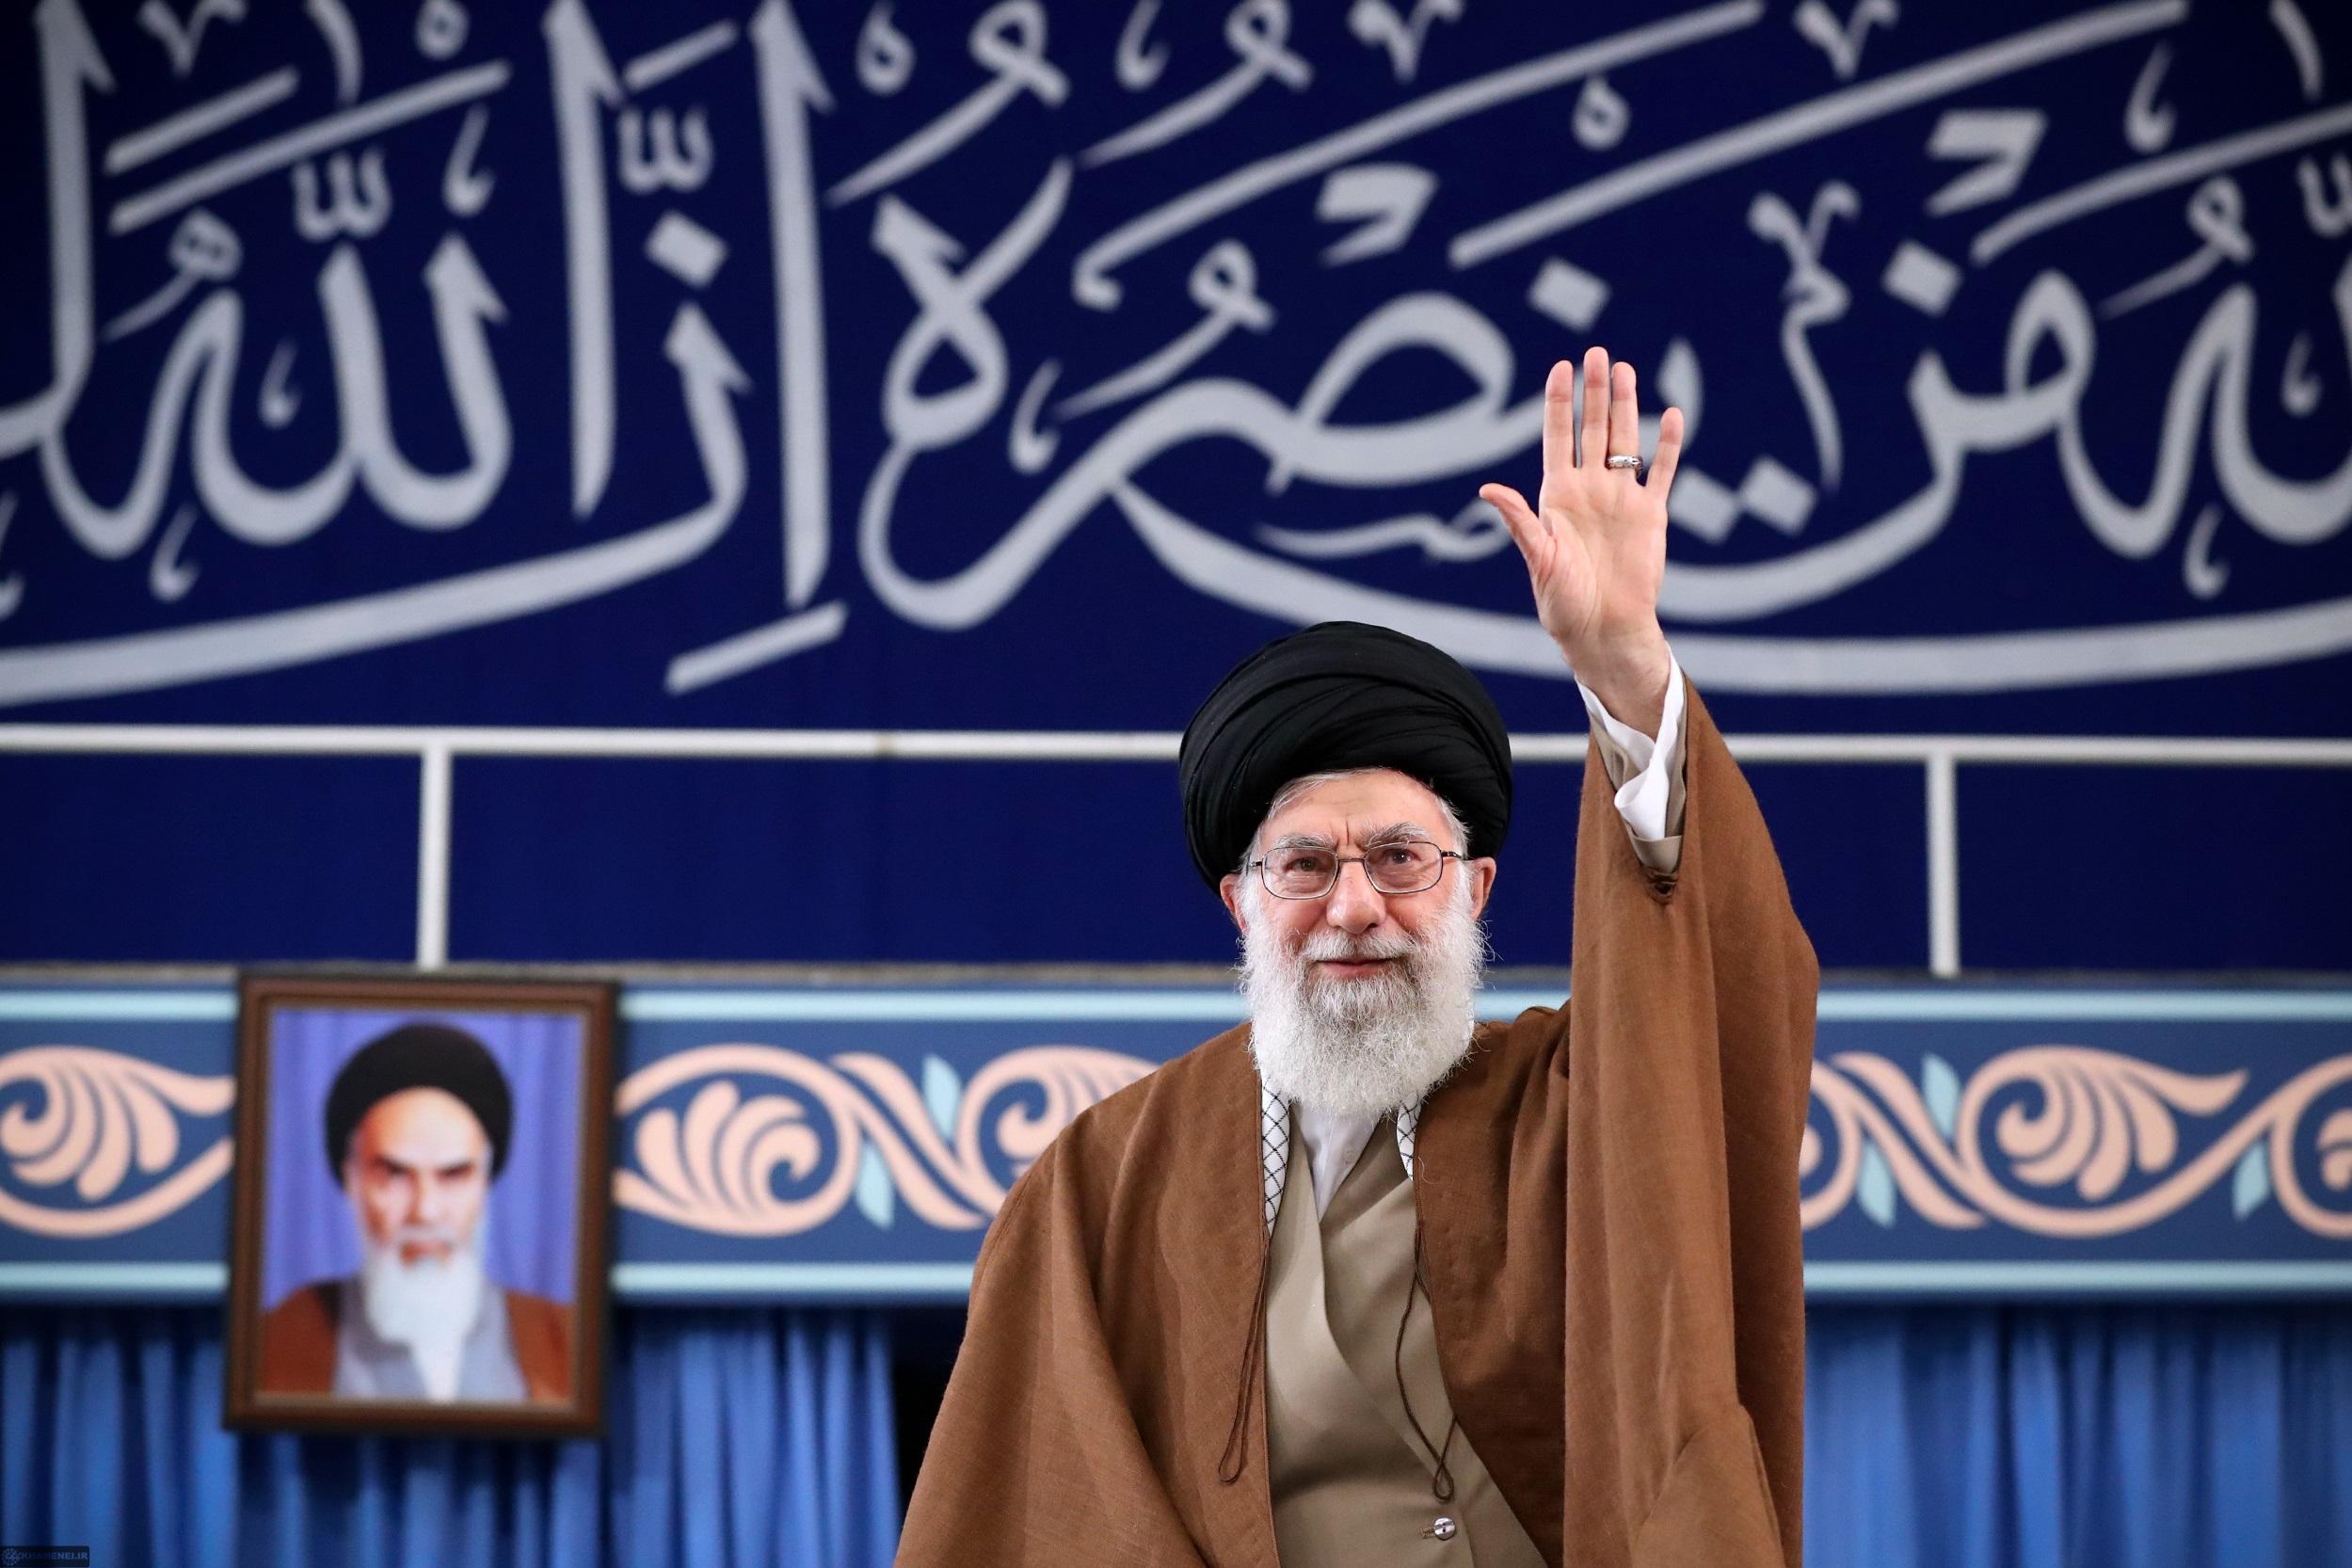 رهبر انقلاب: کسانی که به سازش گرایش دارند بدانند آمریکا رو به افول است